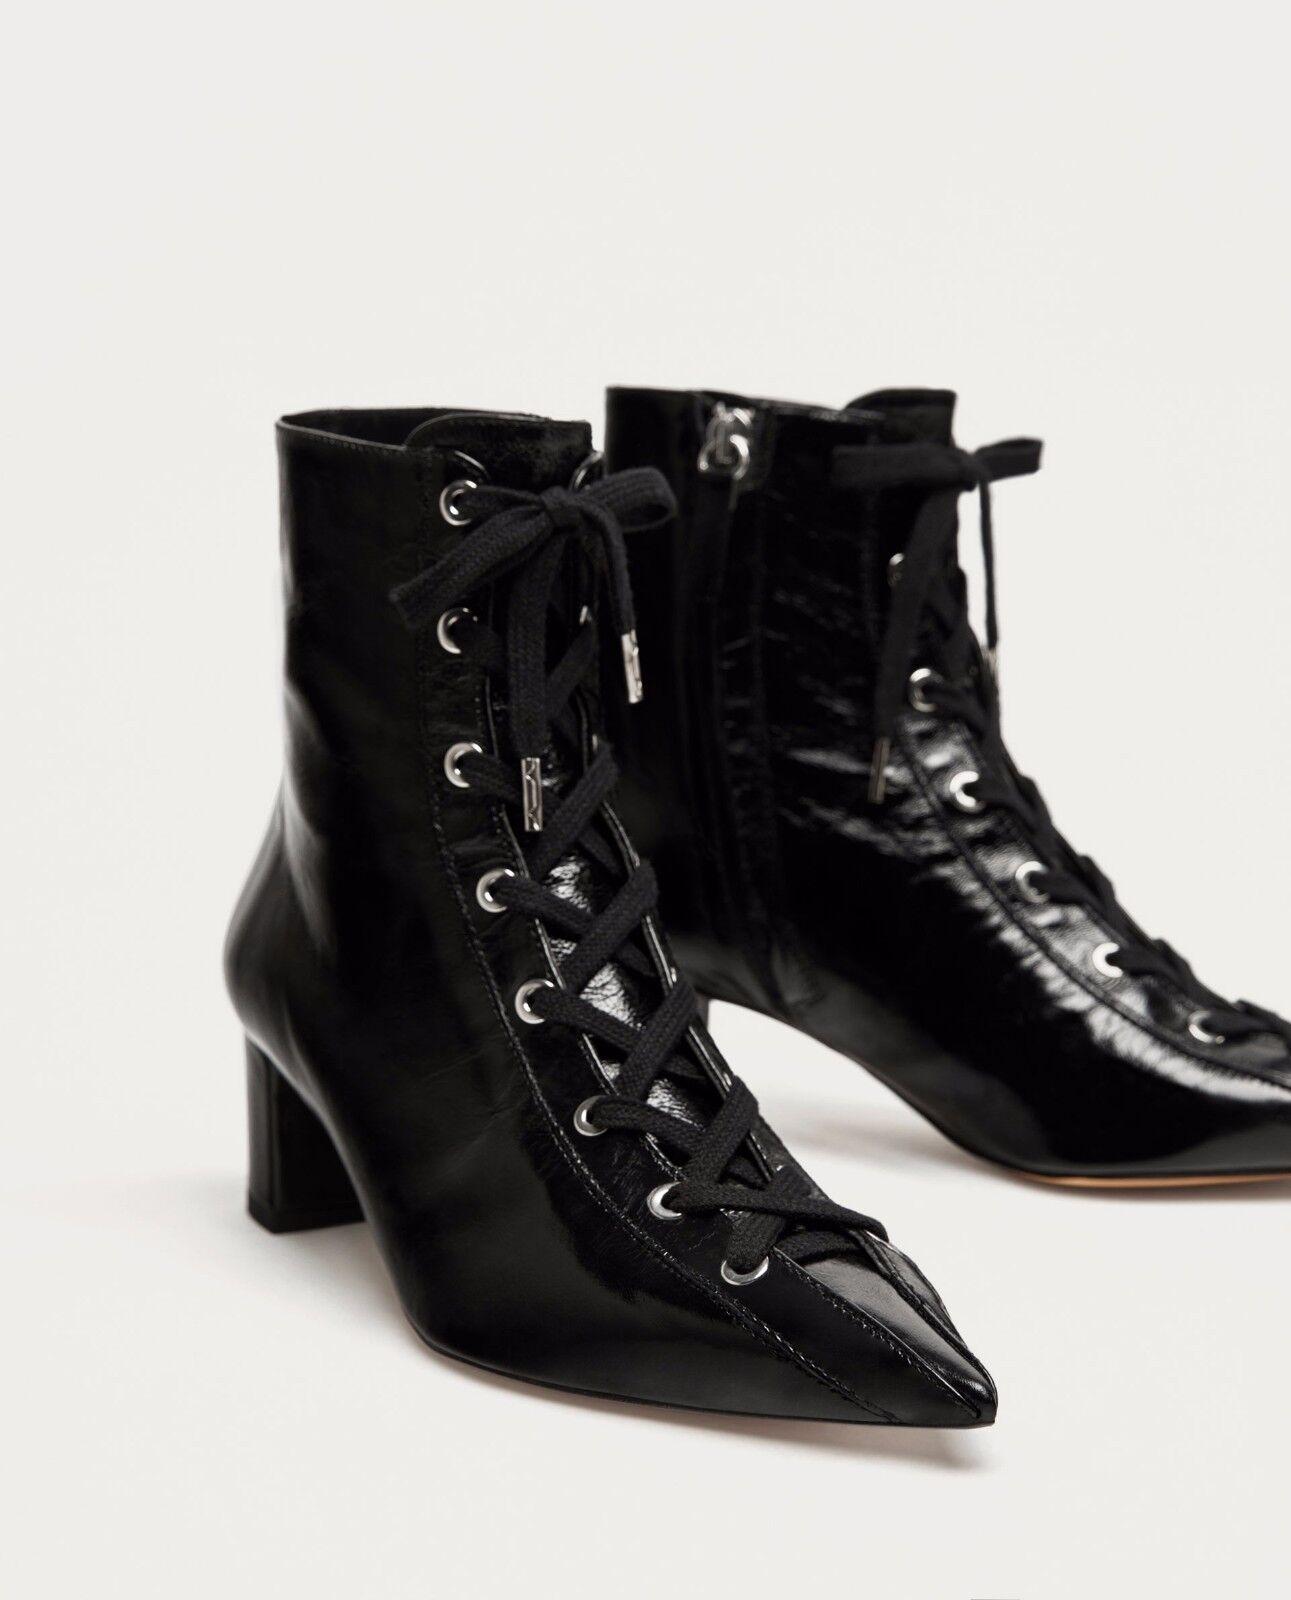 Zara Nuevas con Cordones Cuero Tacón Alto botas al Tobillo 6078 201